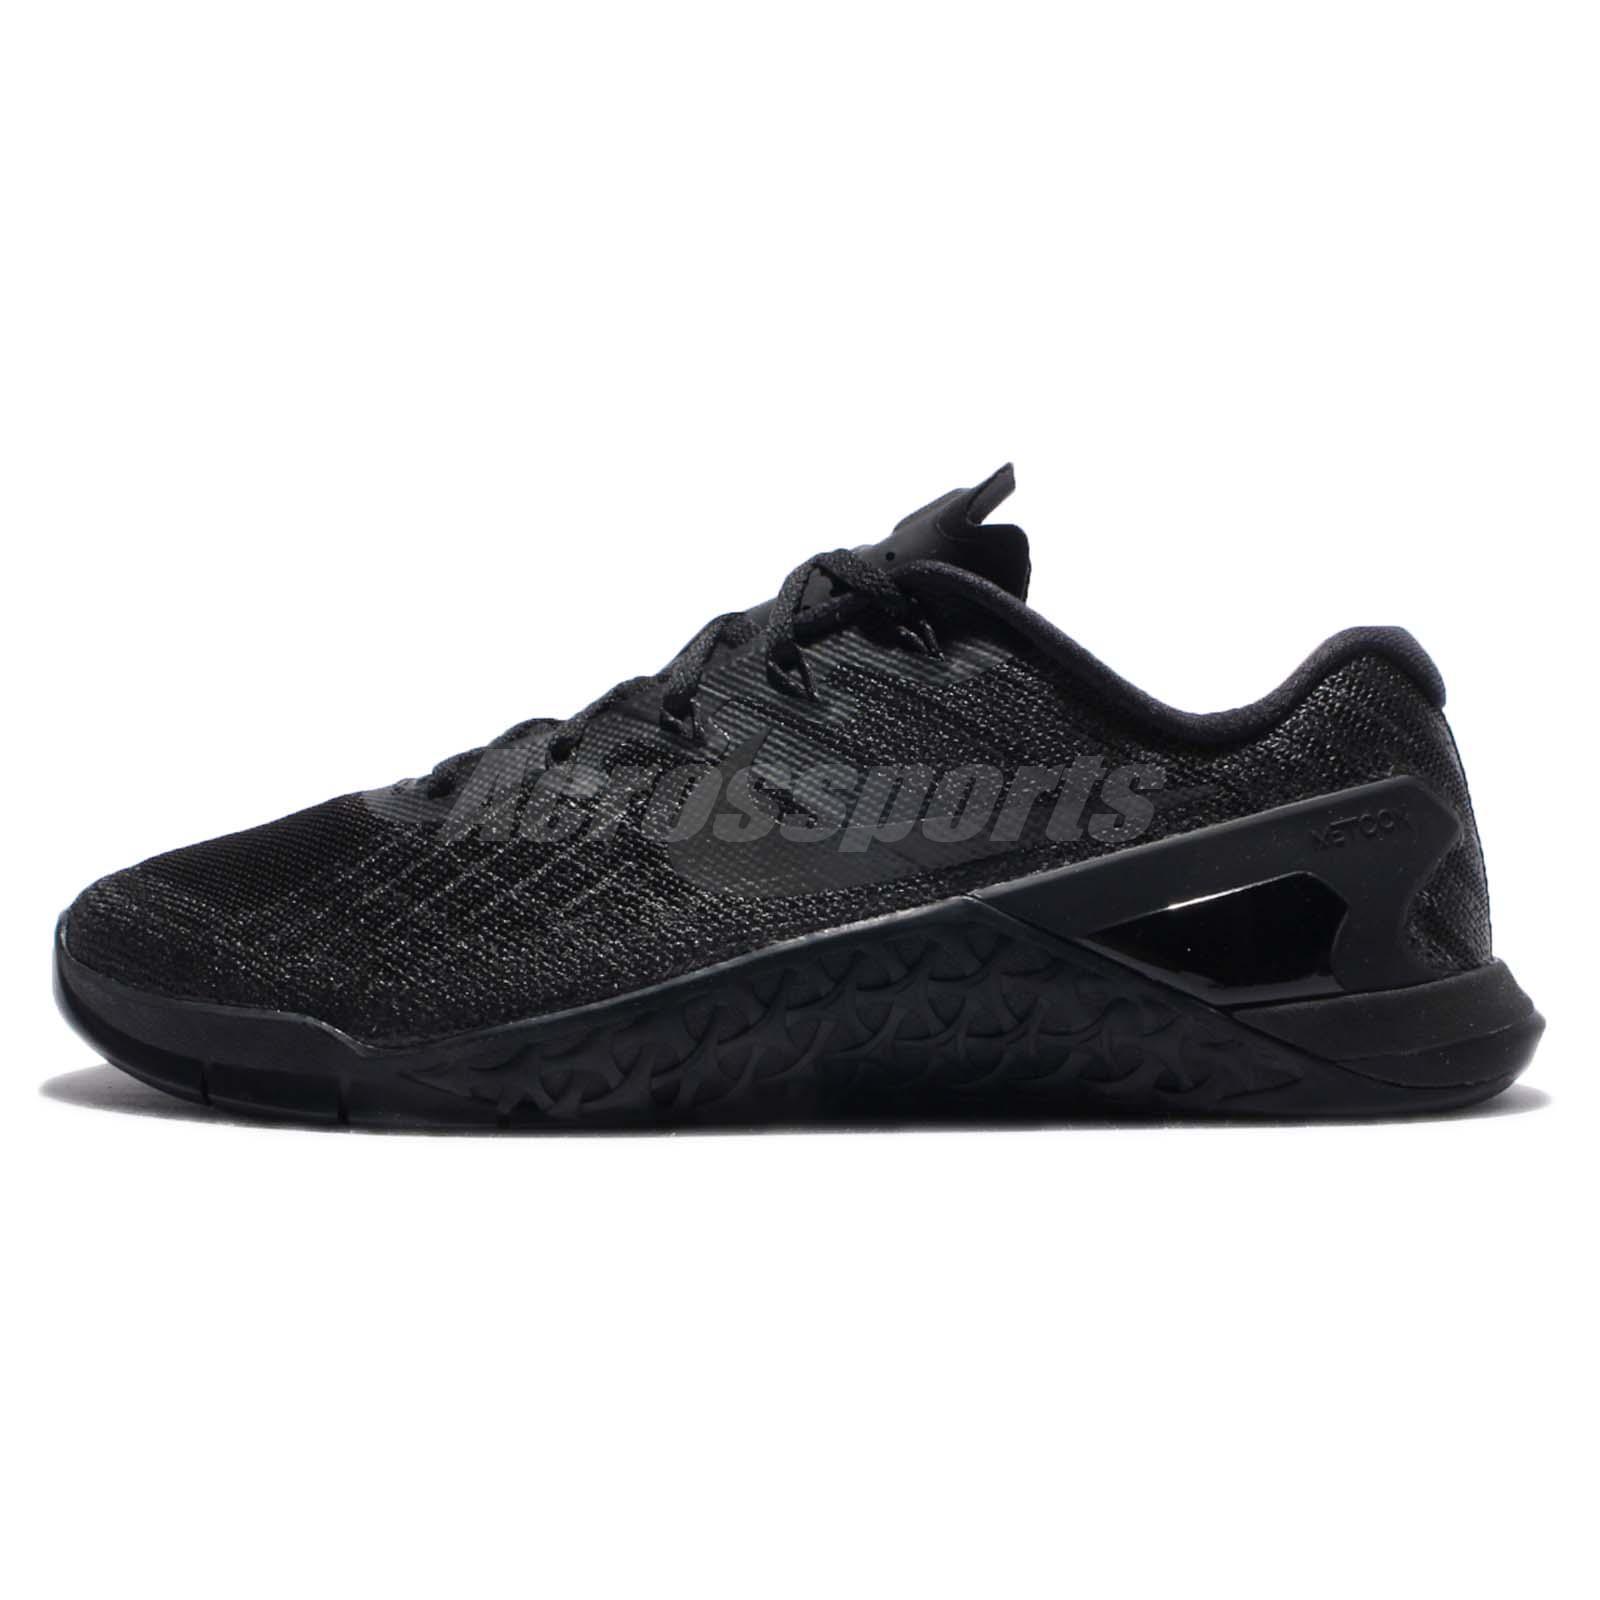 54a5de78eabc Nike Metcon 3 III Triple Black Men Training CrossFit Shoes Sneakers  852928-002